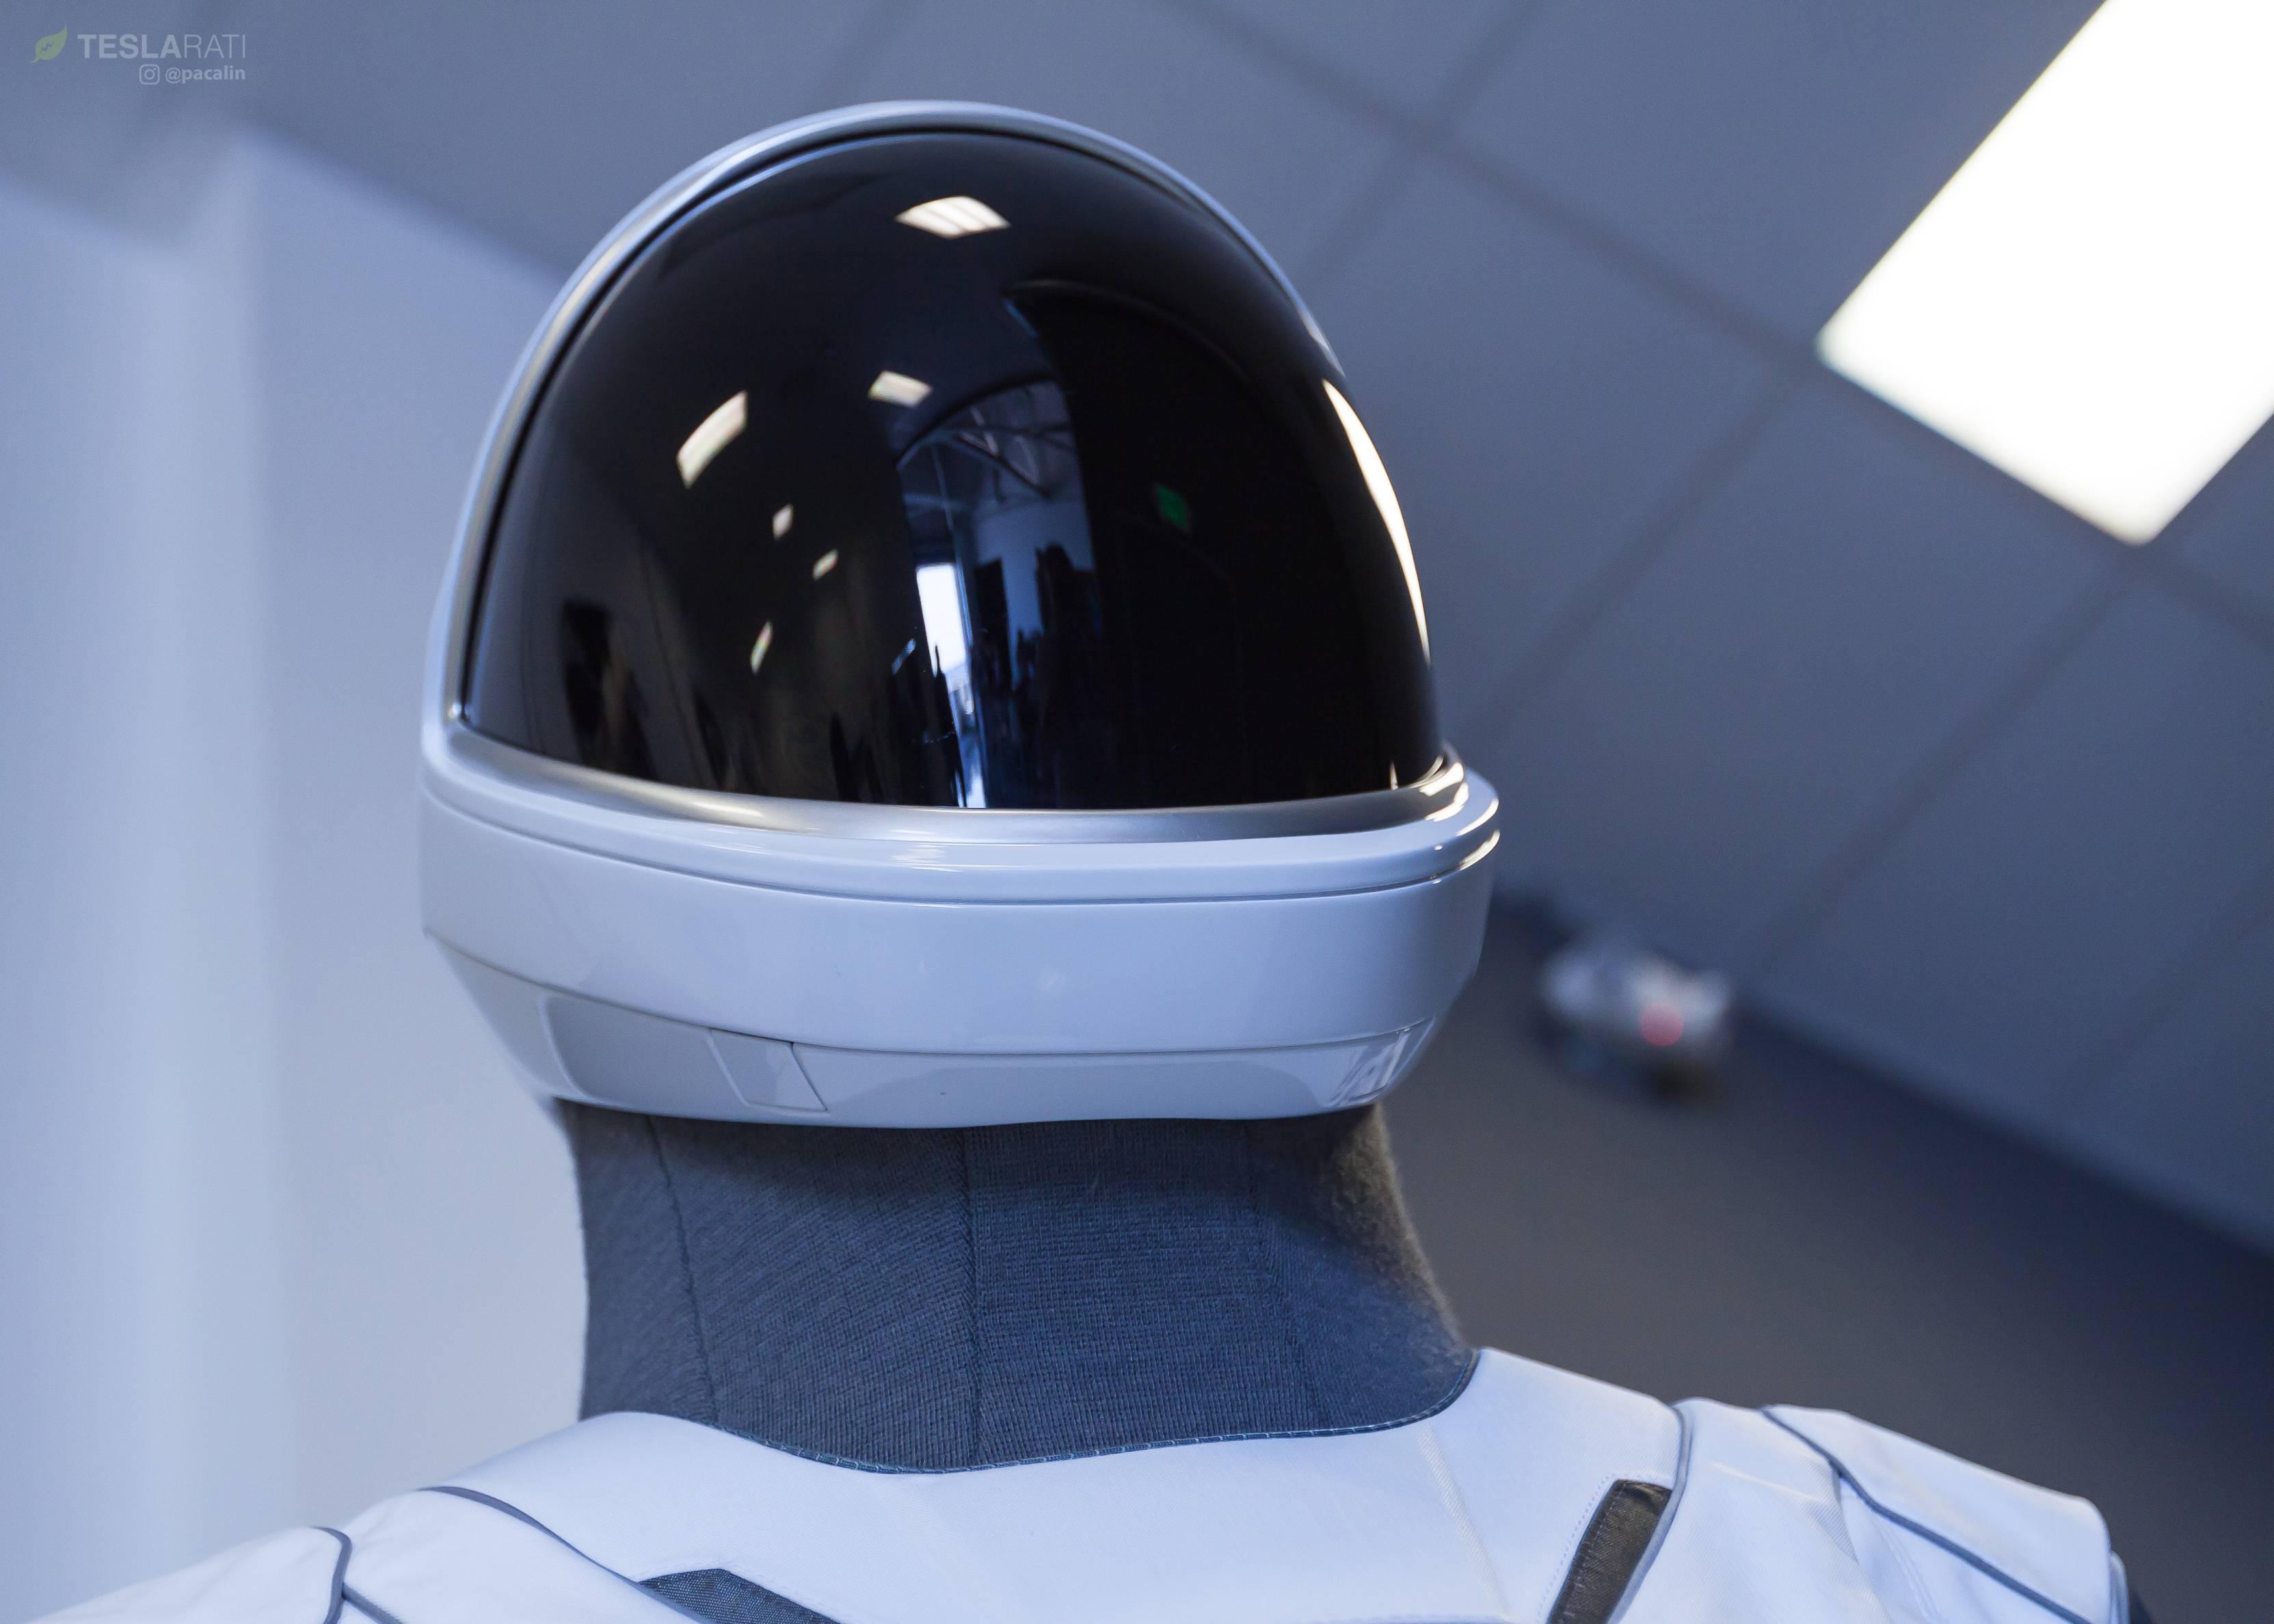 SpaceX spacesuit detail 081318 (Pauline Acalin) 8(c)